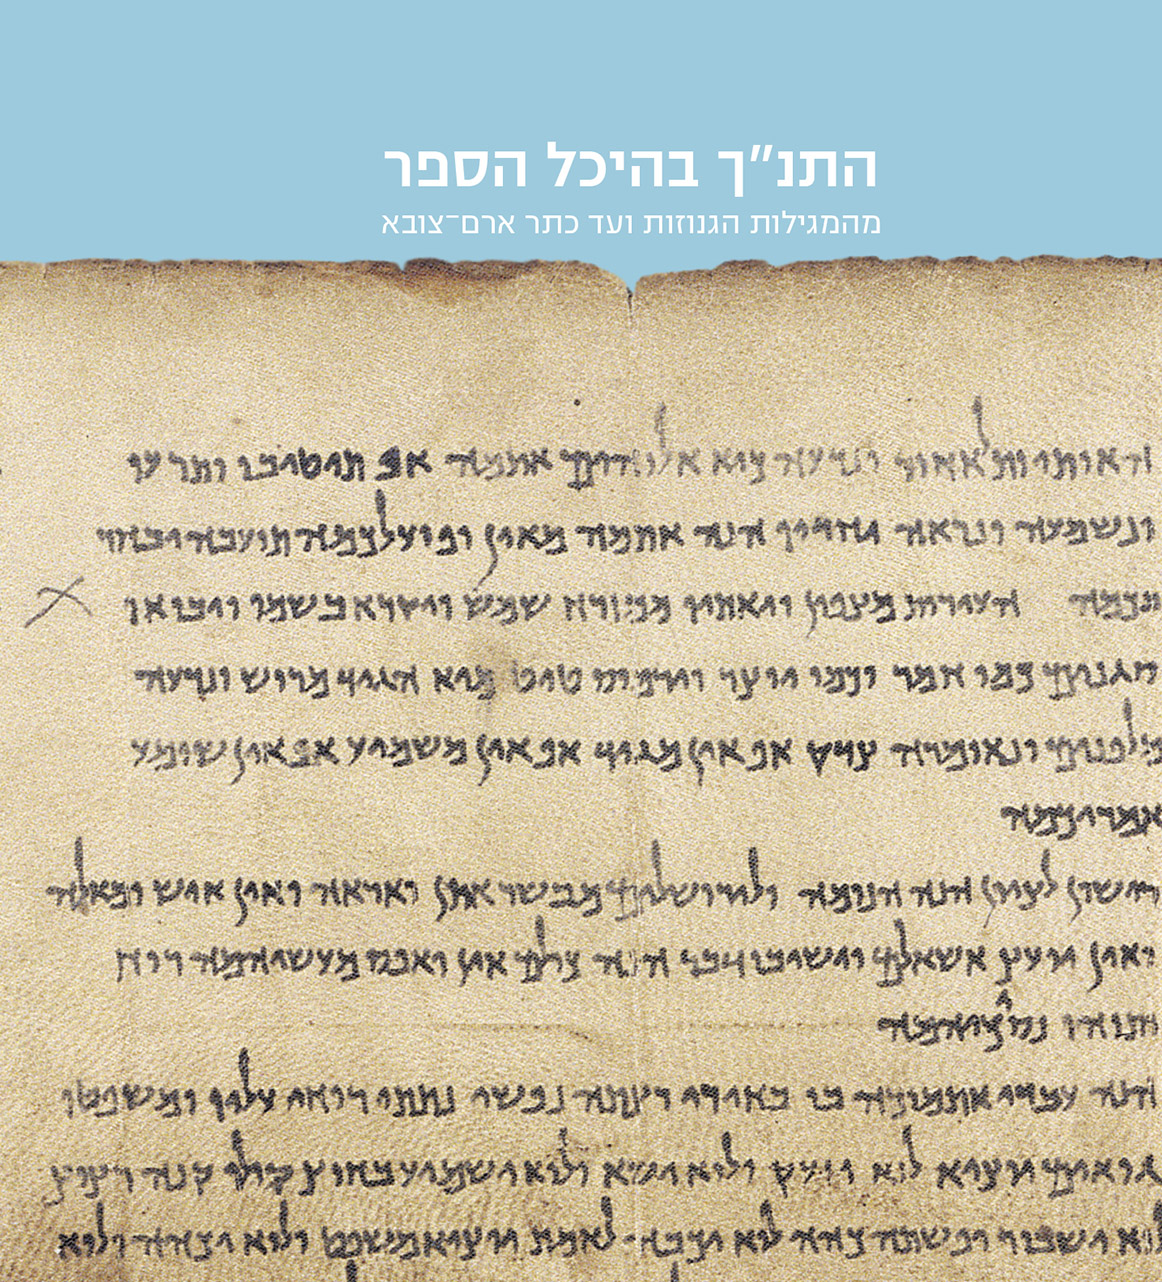 """התנ""""ך בהיכל הספר: מהמגילות הגנוזות עד כתר ארם-צובא"""